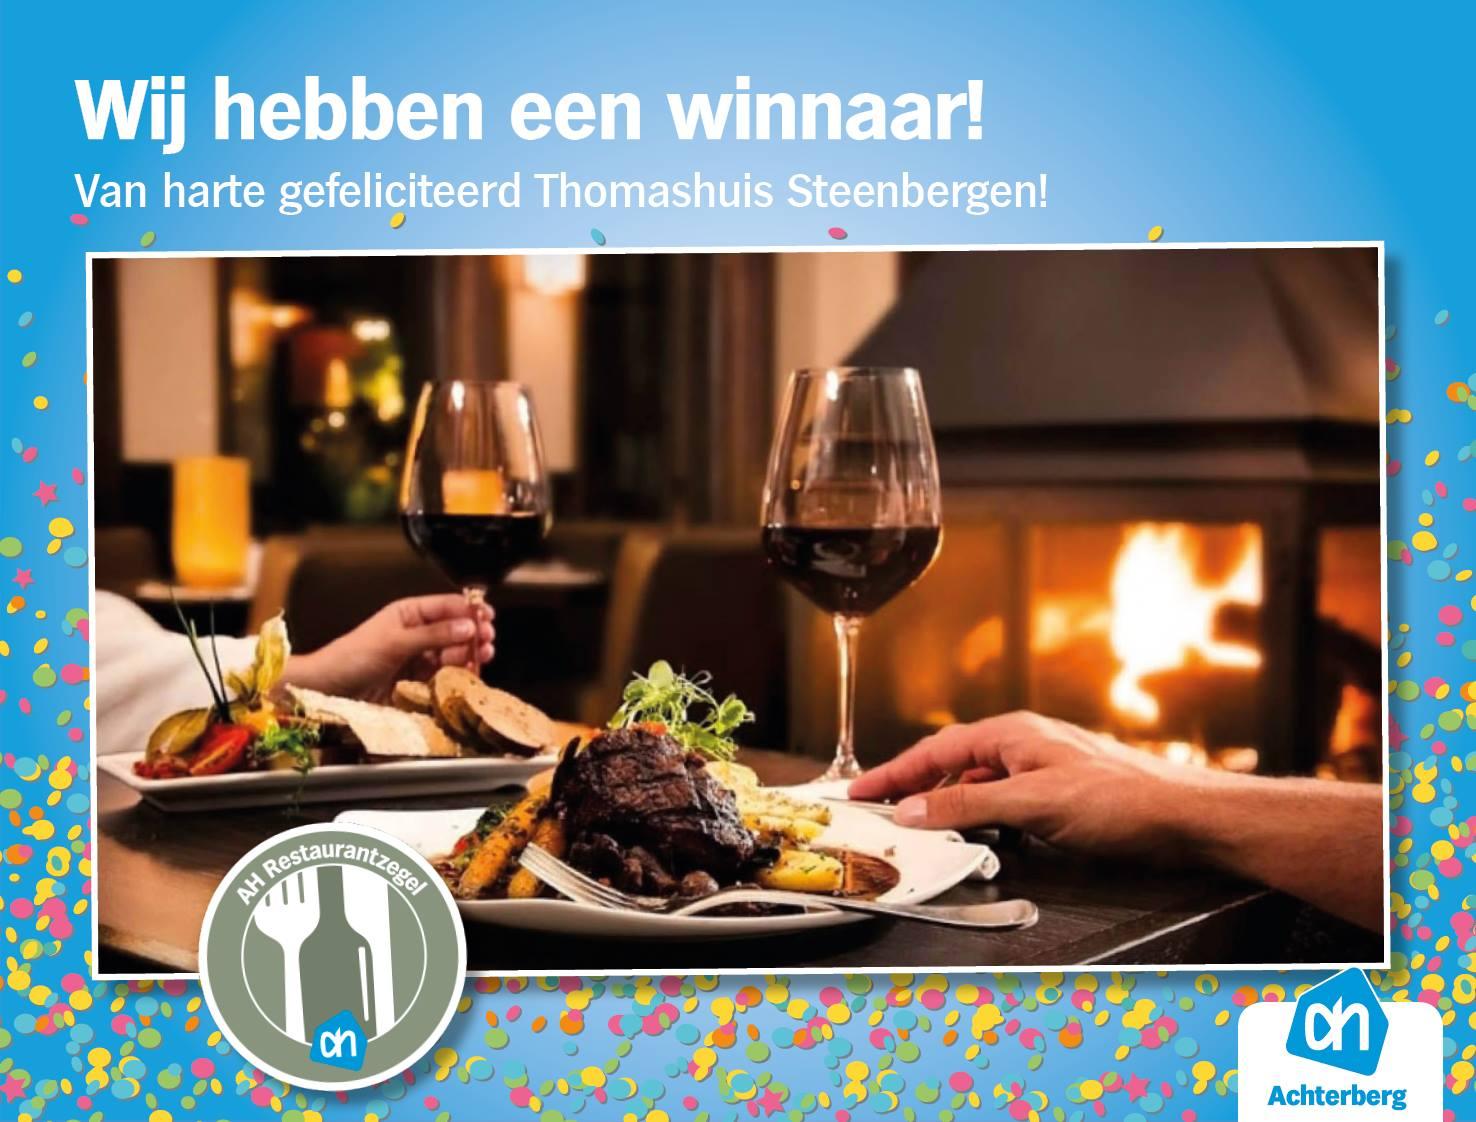 En de winnaar is… Het Thomashuis Steenbergen!